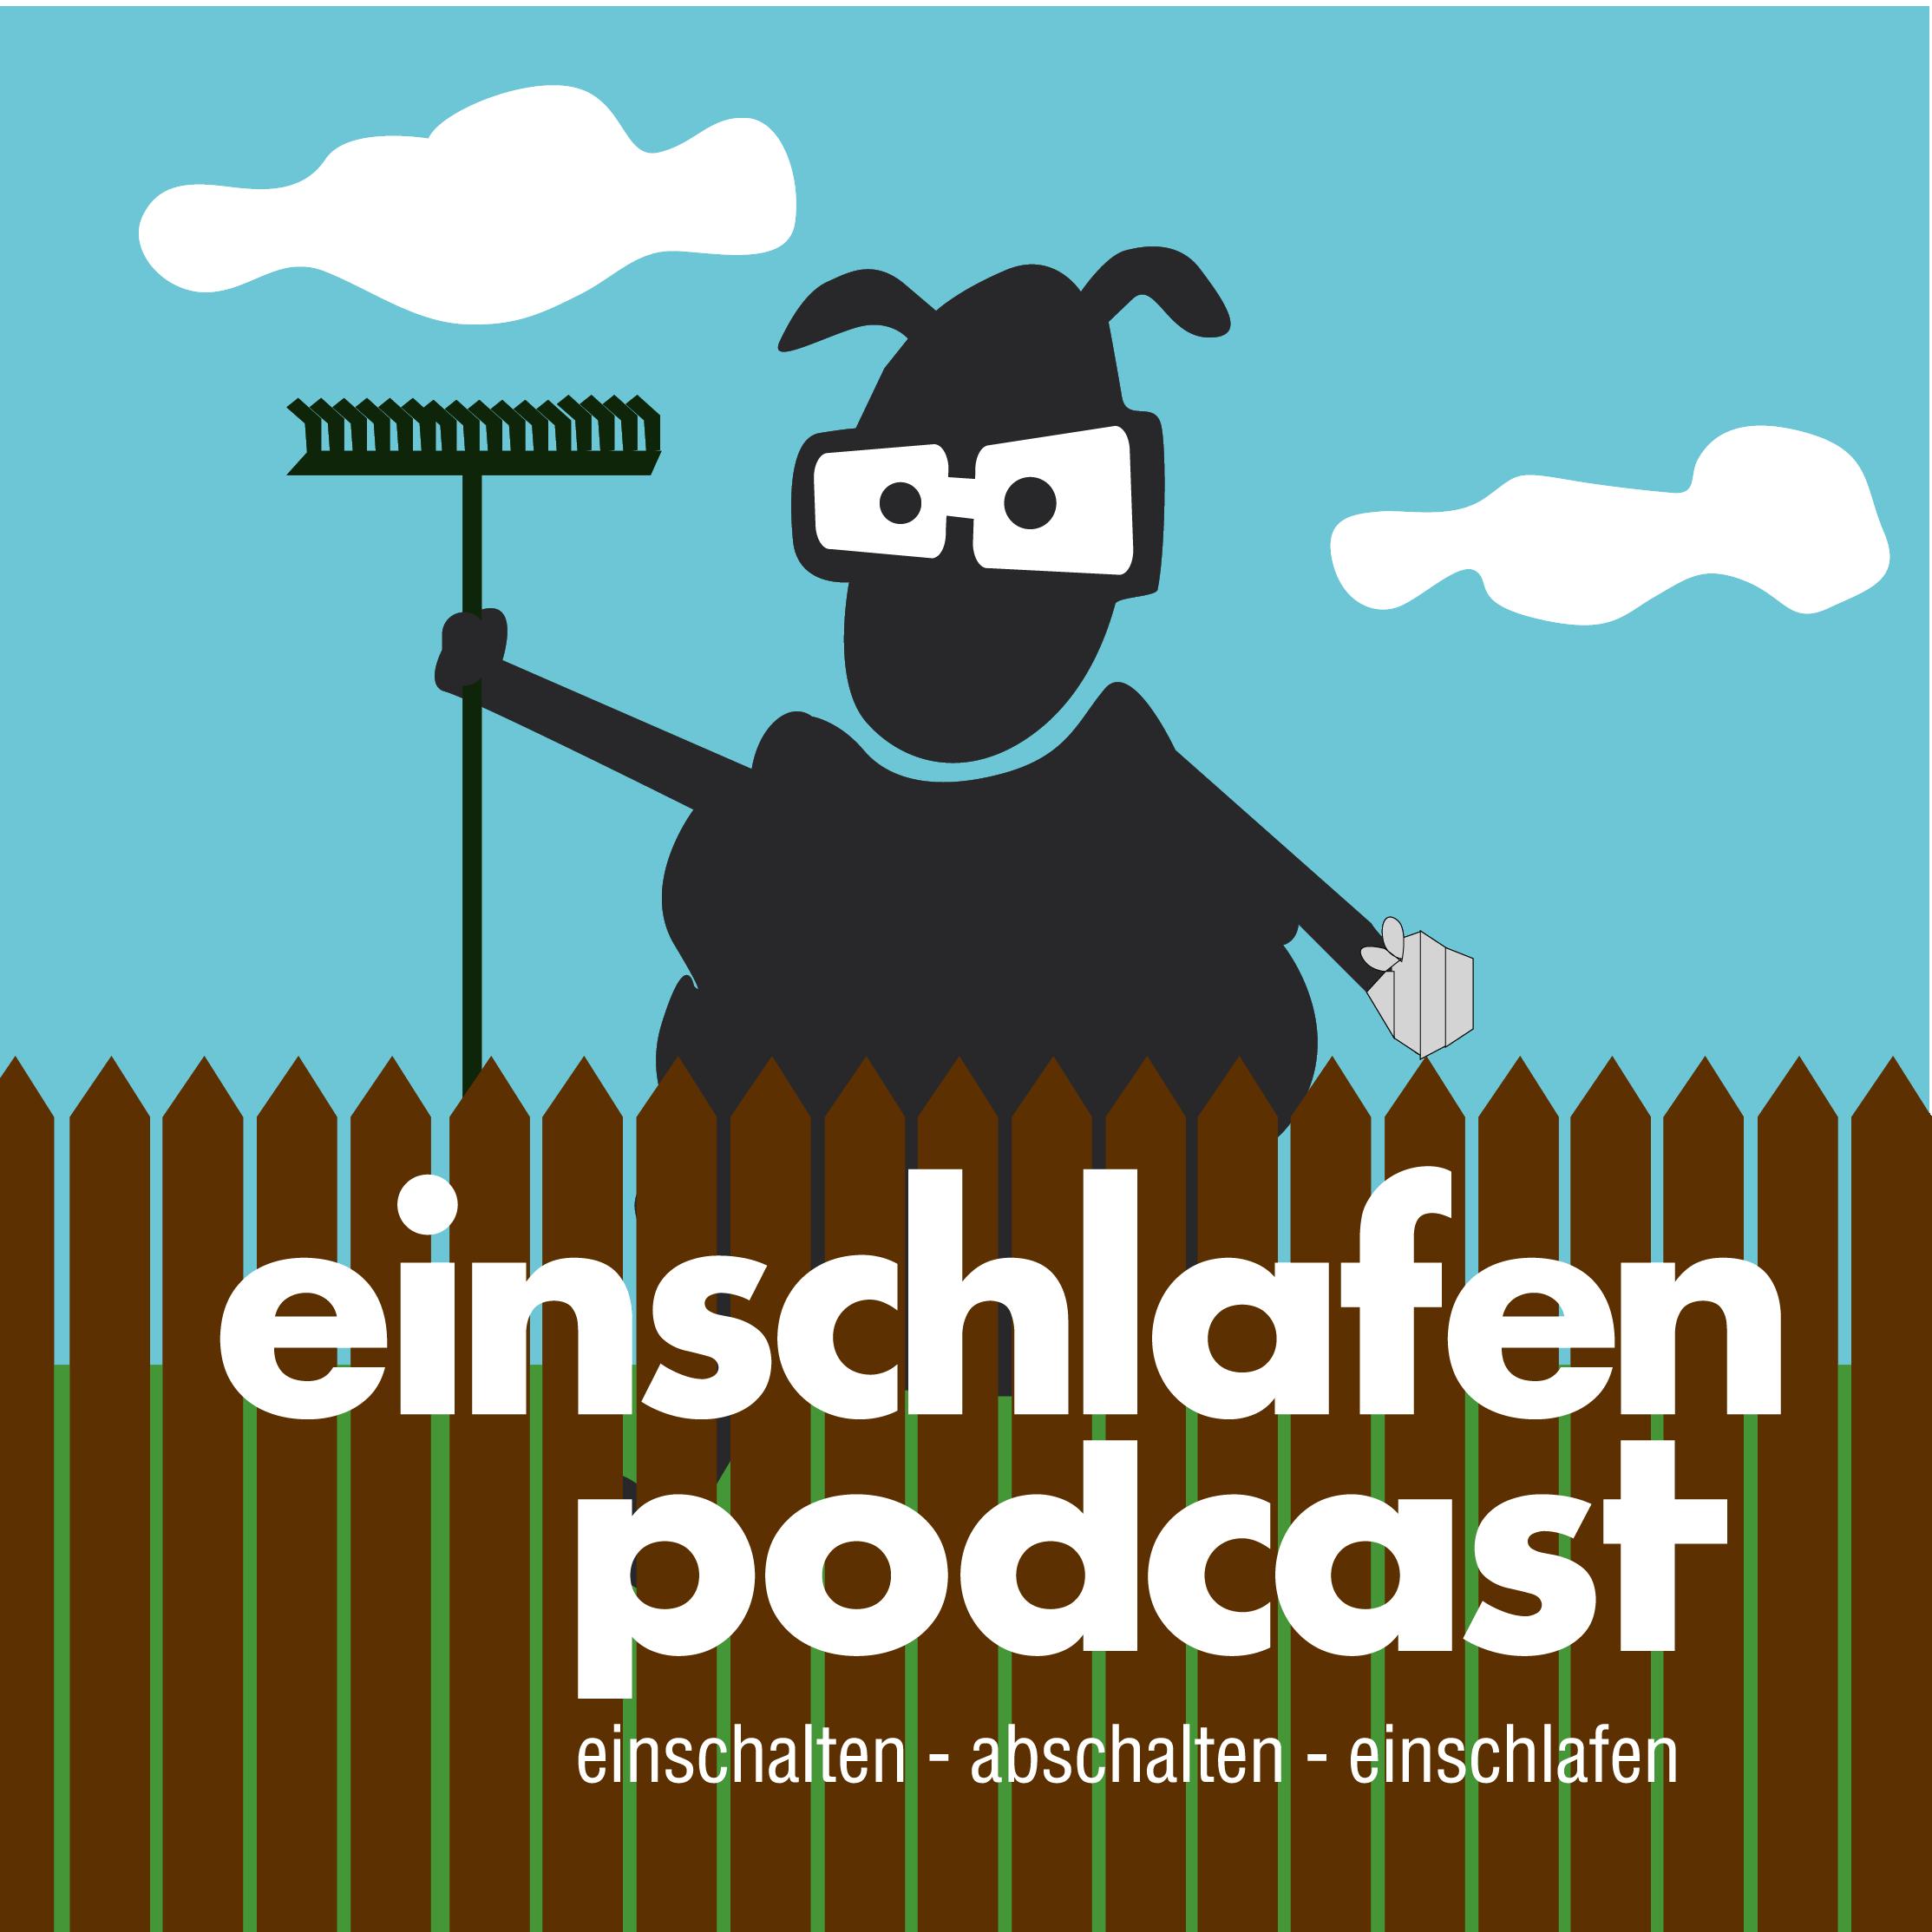 Linkshandgarten und Kant - Episodenbild